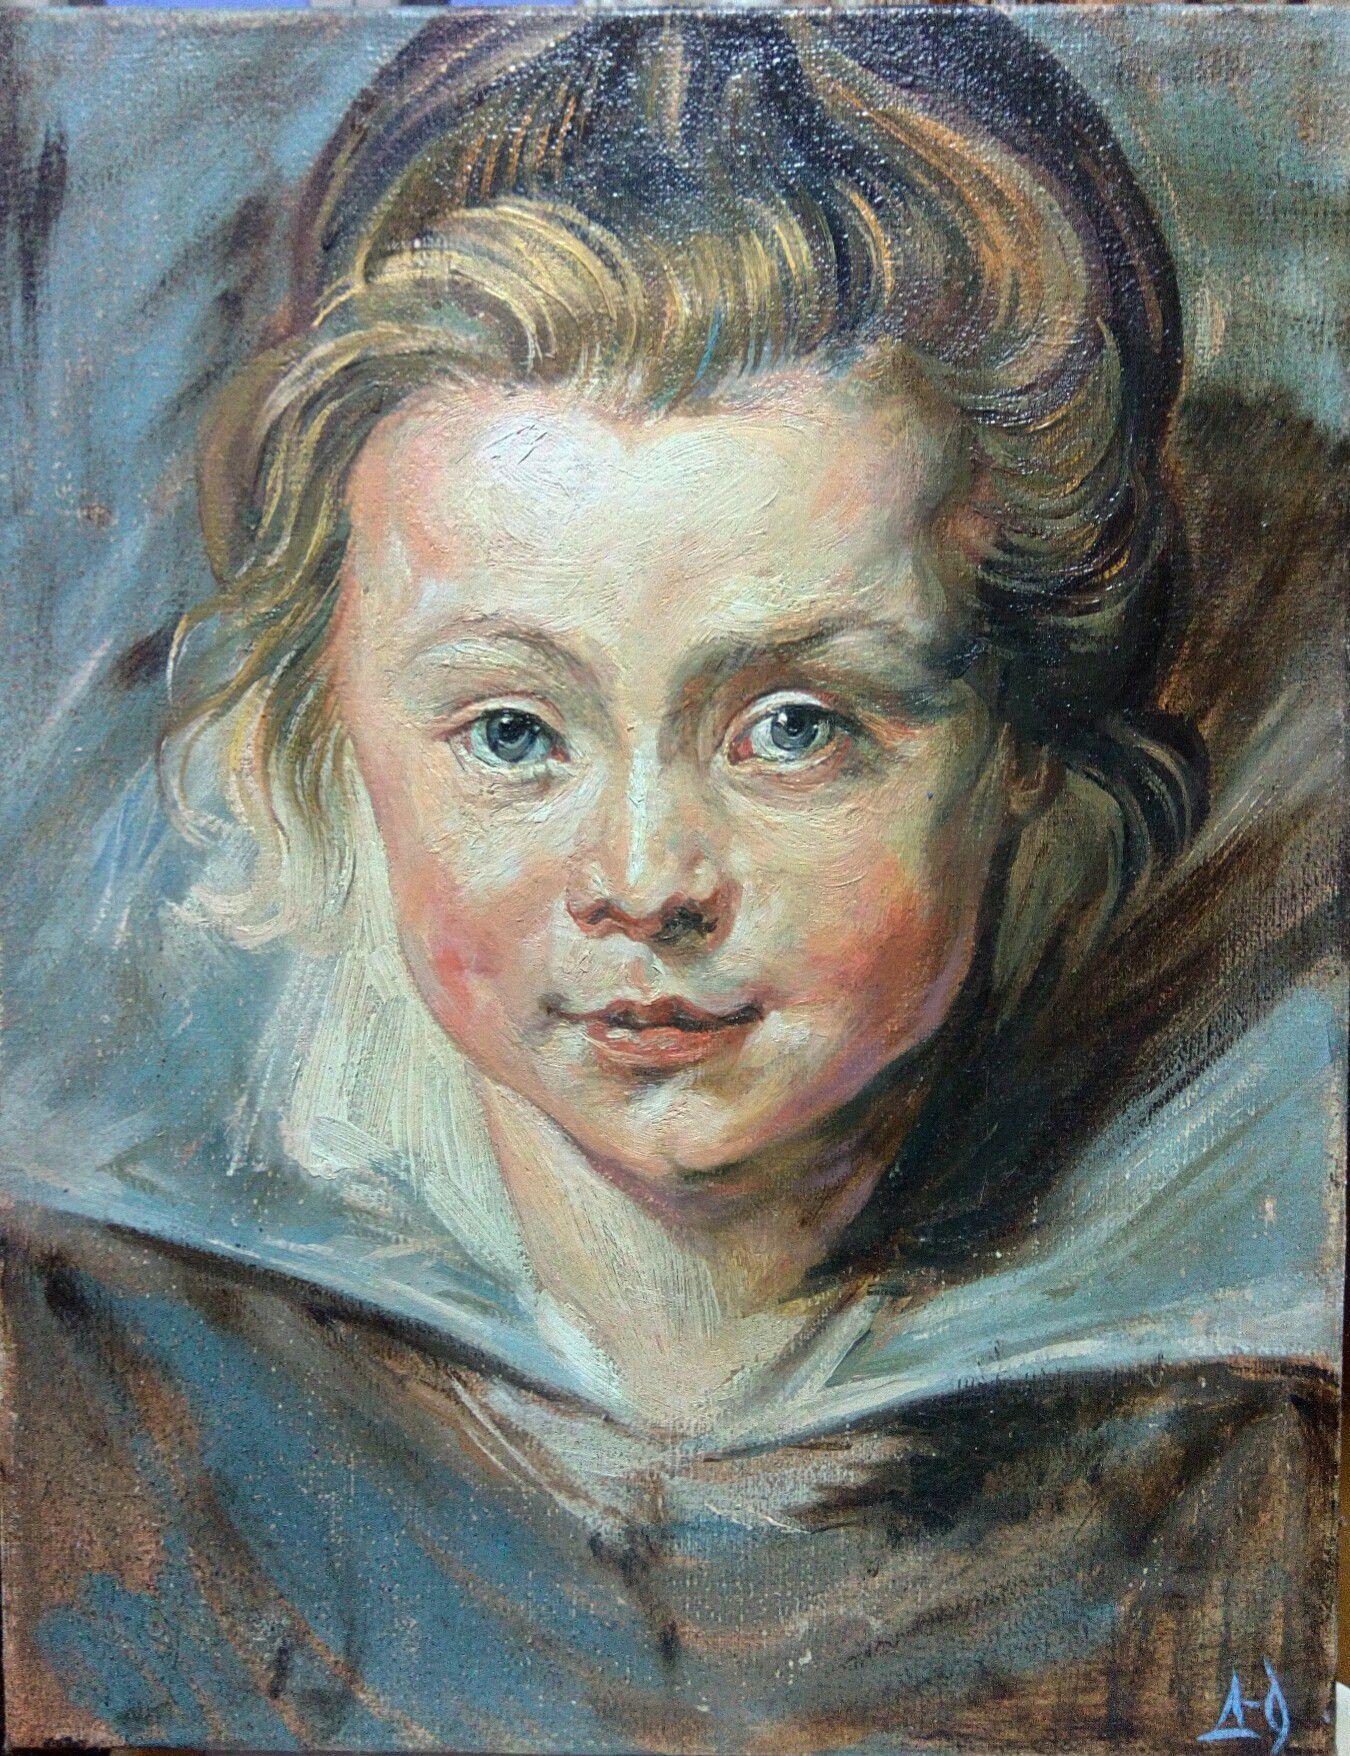 картина живопись ребёнок искусство портрет дети красиво